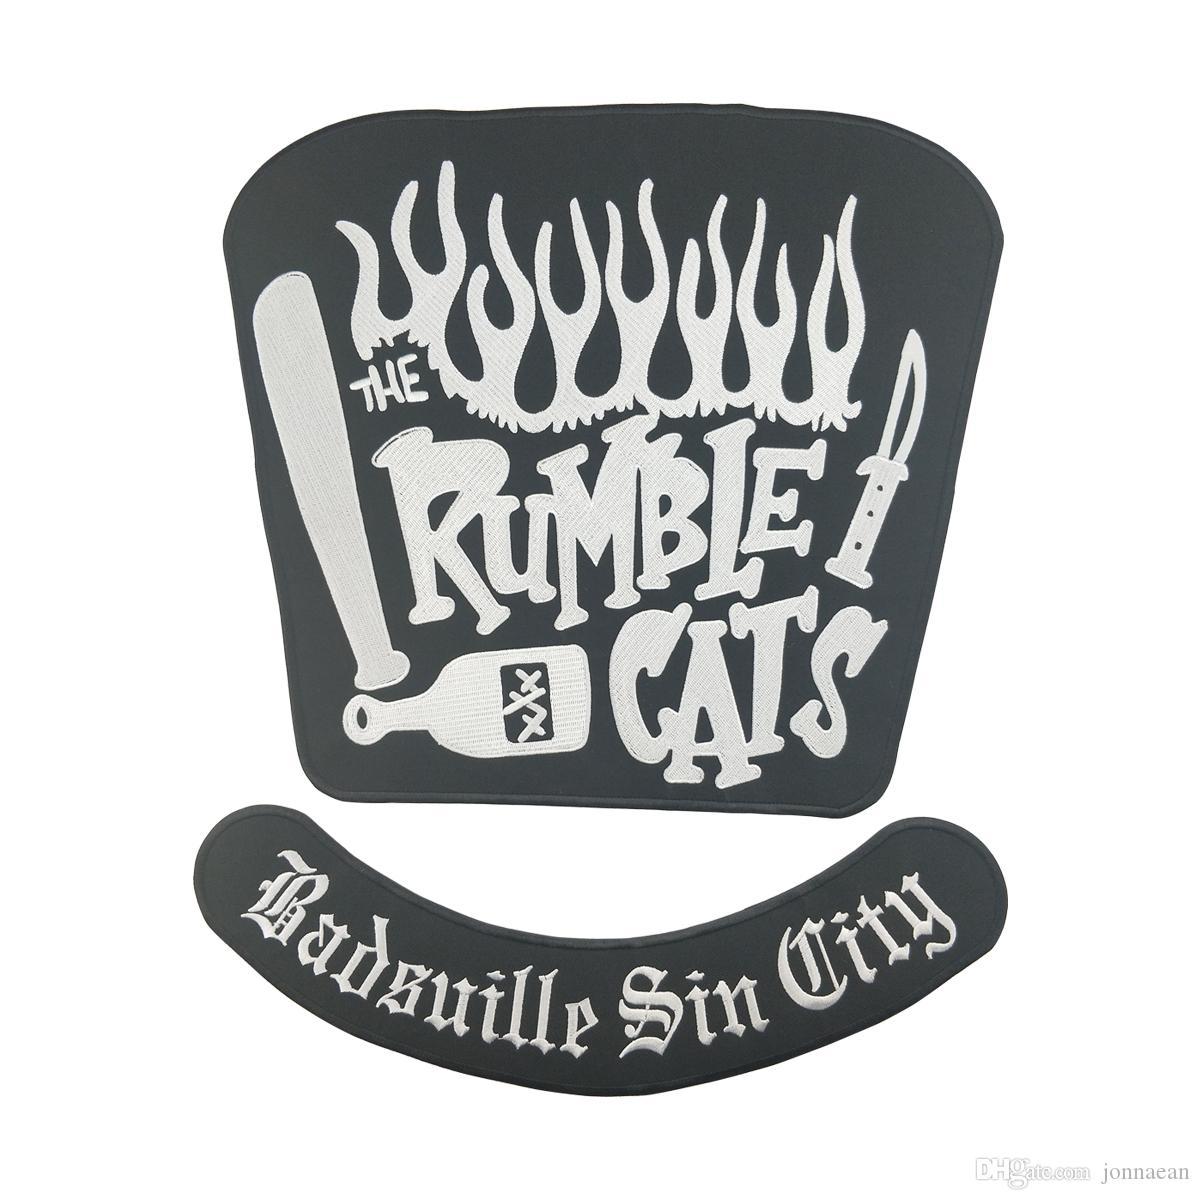 HOT SALE RUMBLE CATS MOTORCYCLE COOL LARGE BACK PATCH CLUB VESTOUTLAW BIKER MC PATCH